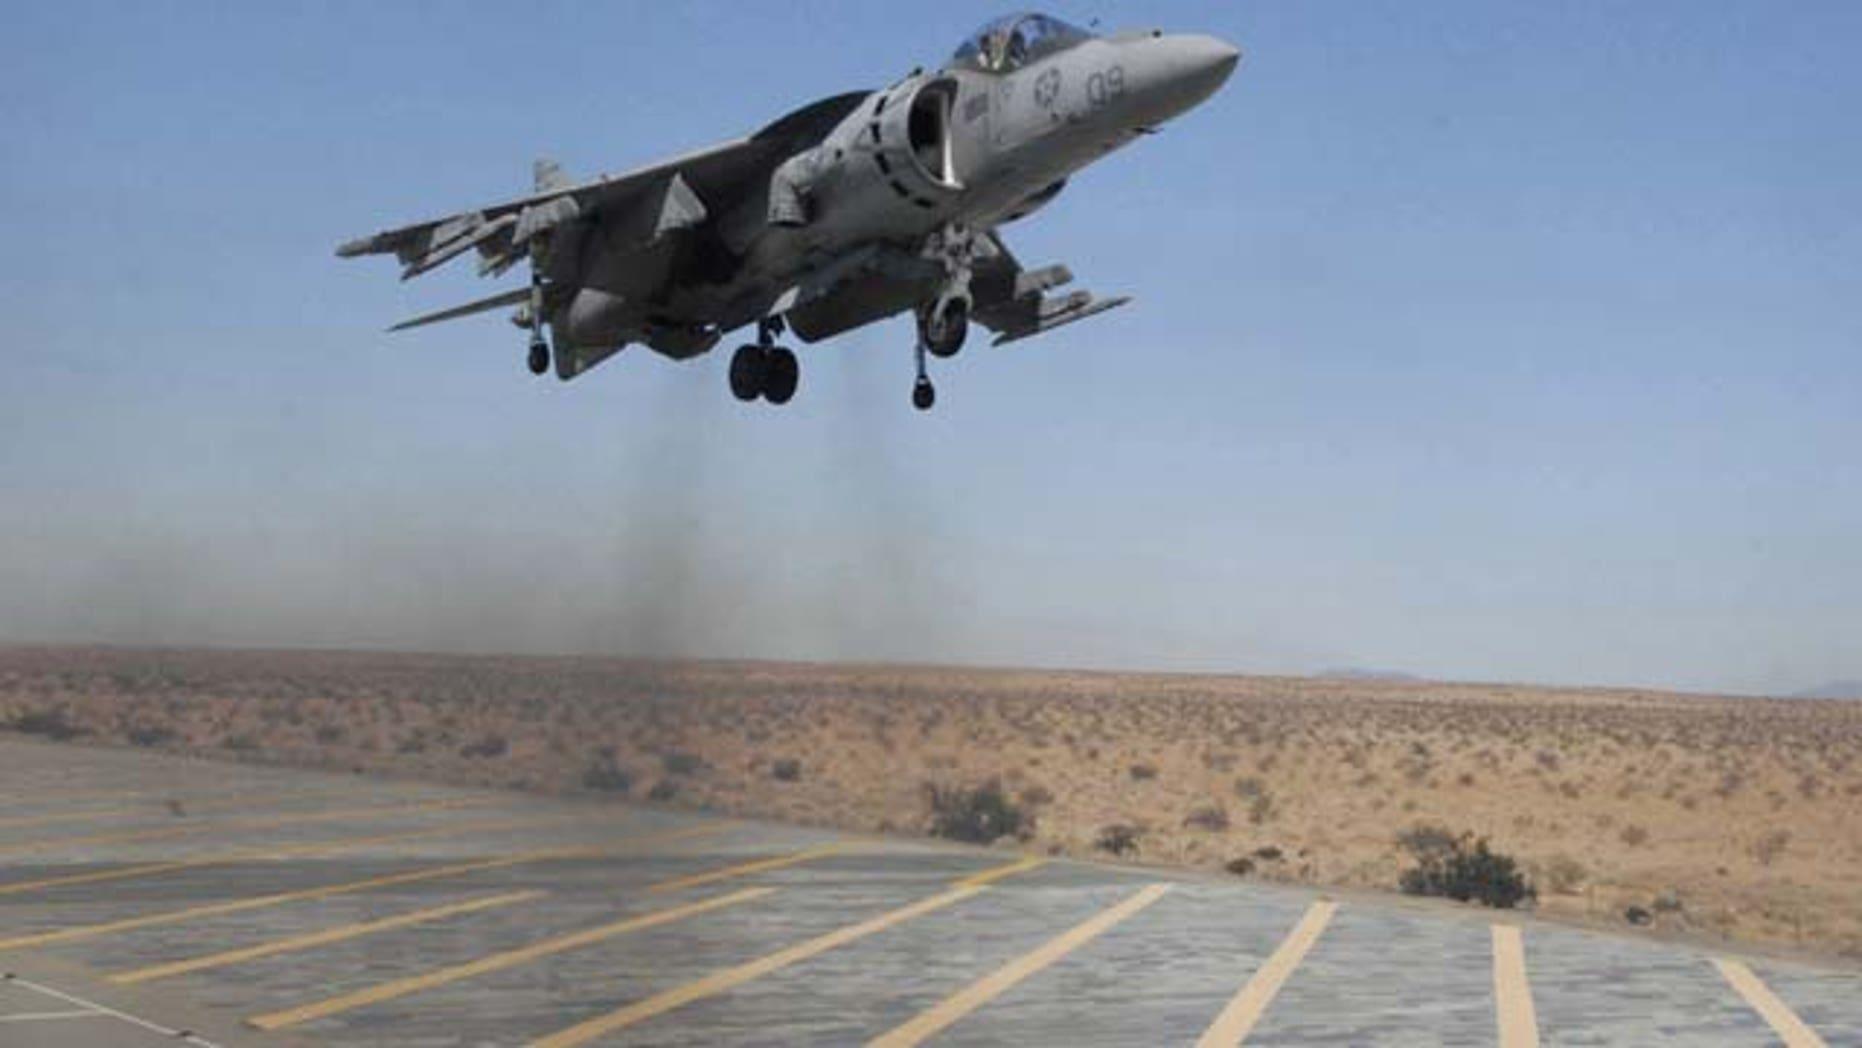 An AV-8B Harrier aircraft (AP Photo)